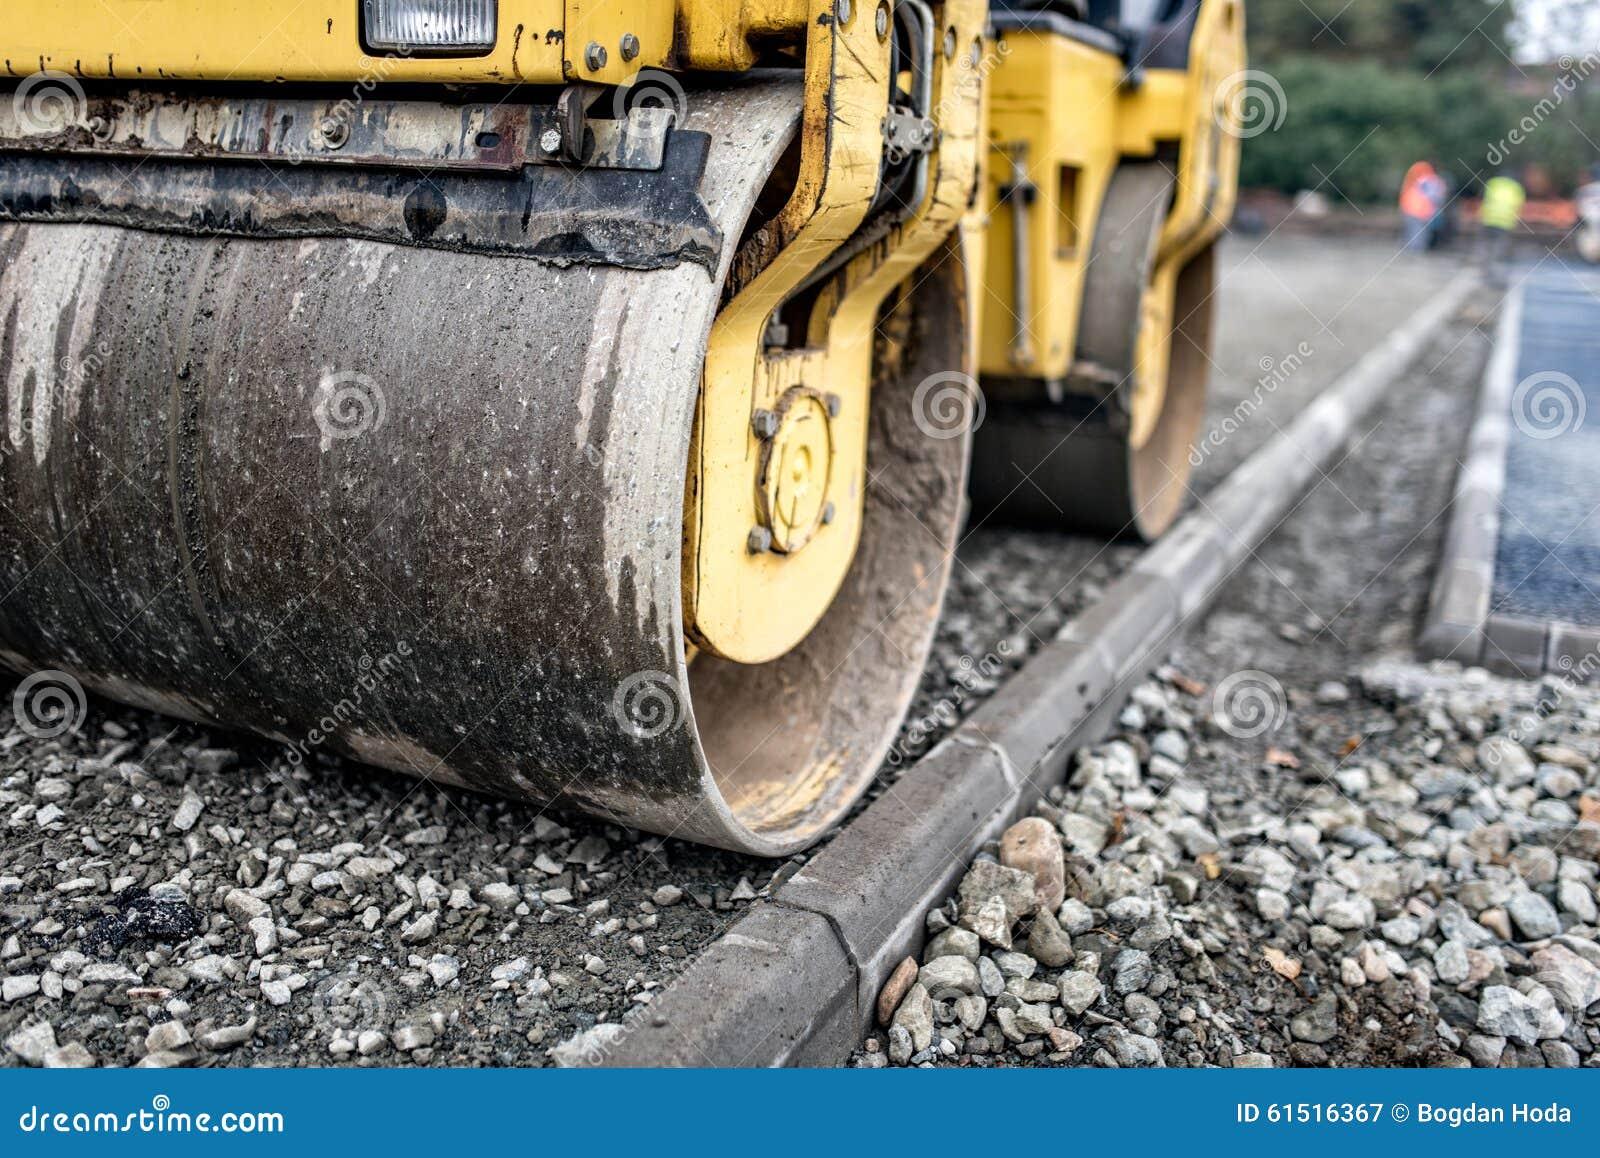 Strati comprimenti in tandem pesanti del rullo compressore for Software di pianificazione del sito di costruzione